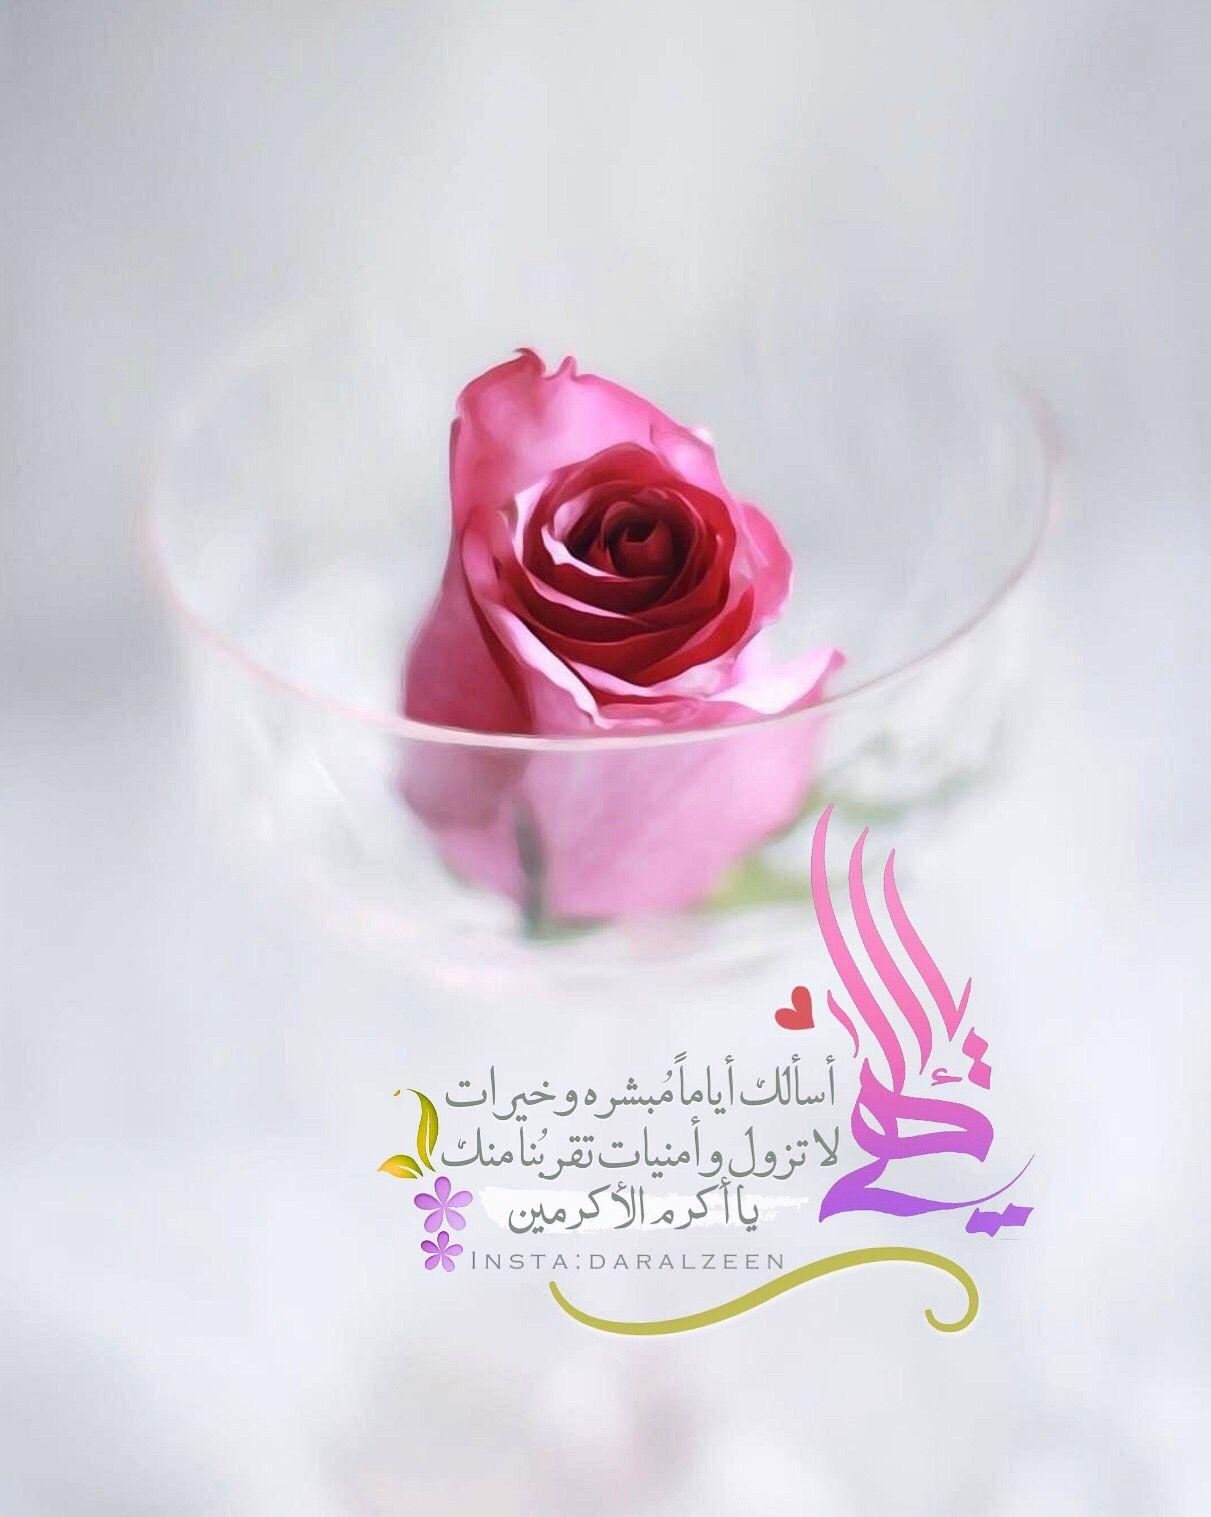 استغفرك ربي رضا وعافيه استغفرك ربي حبا وطمأنينة استغفرك ربي مد الارض و إرتفاع السماء Islamic Art Calligraphy Islamic Art Tableware